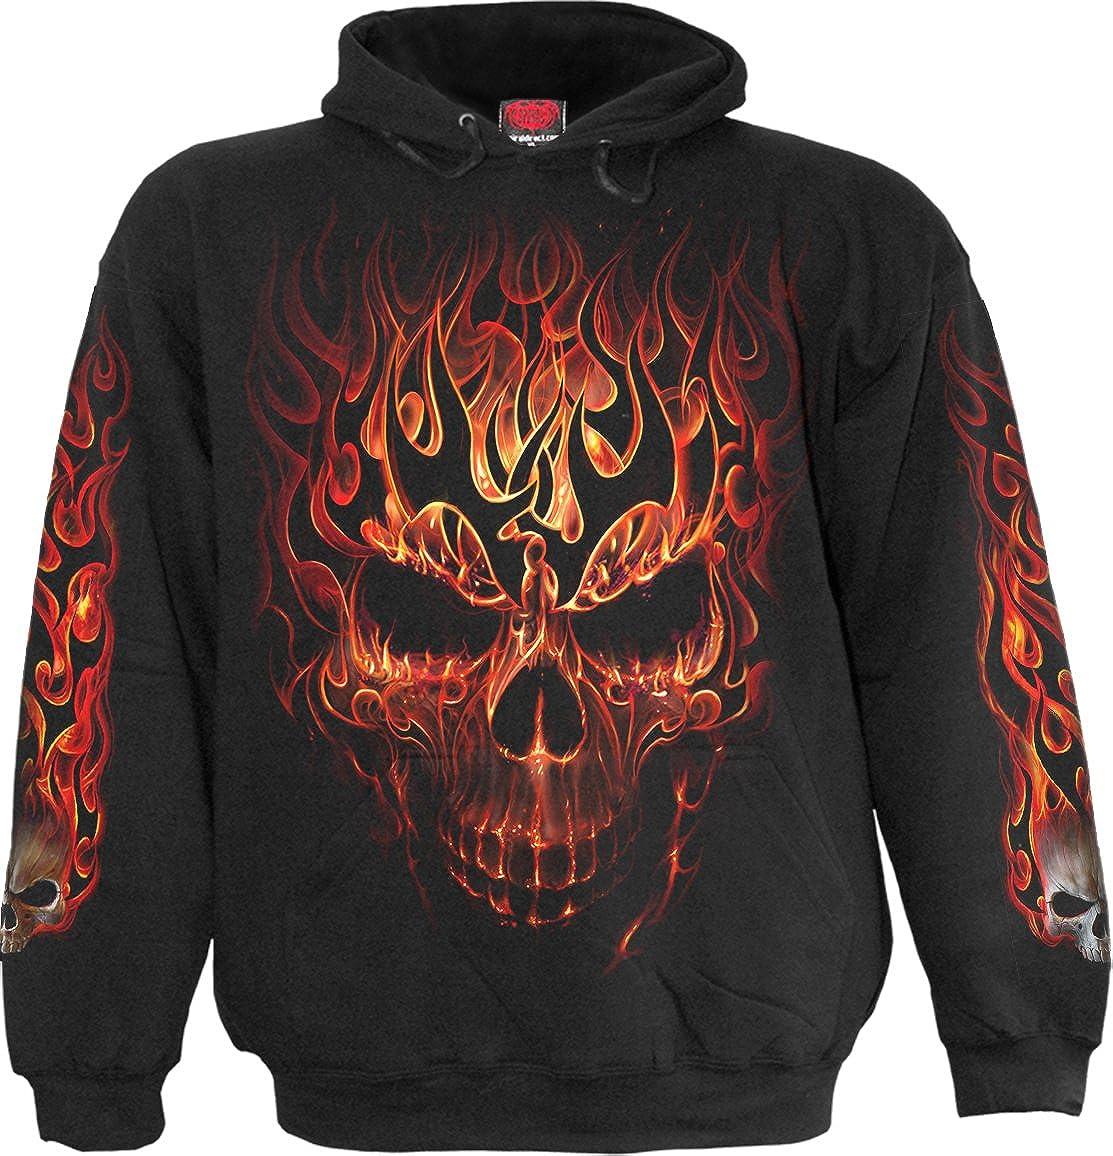 Spiral - Skull Blast M Black Hoody cheap Kids Minneapolis Mall